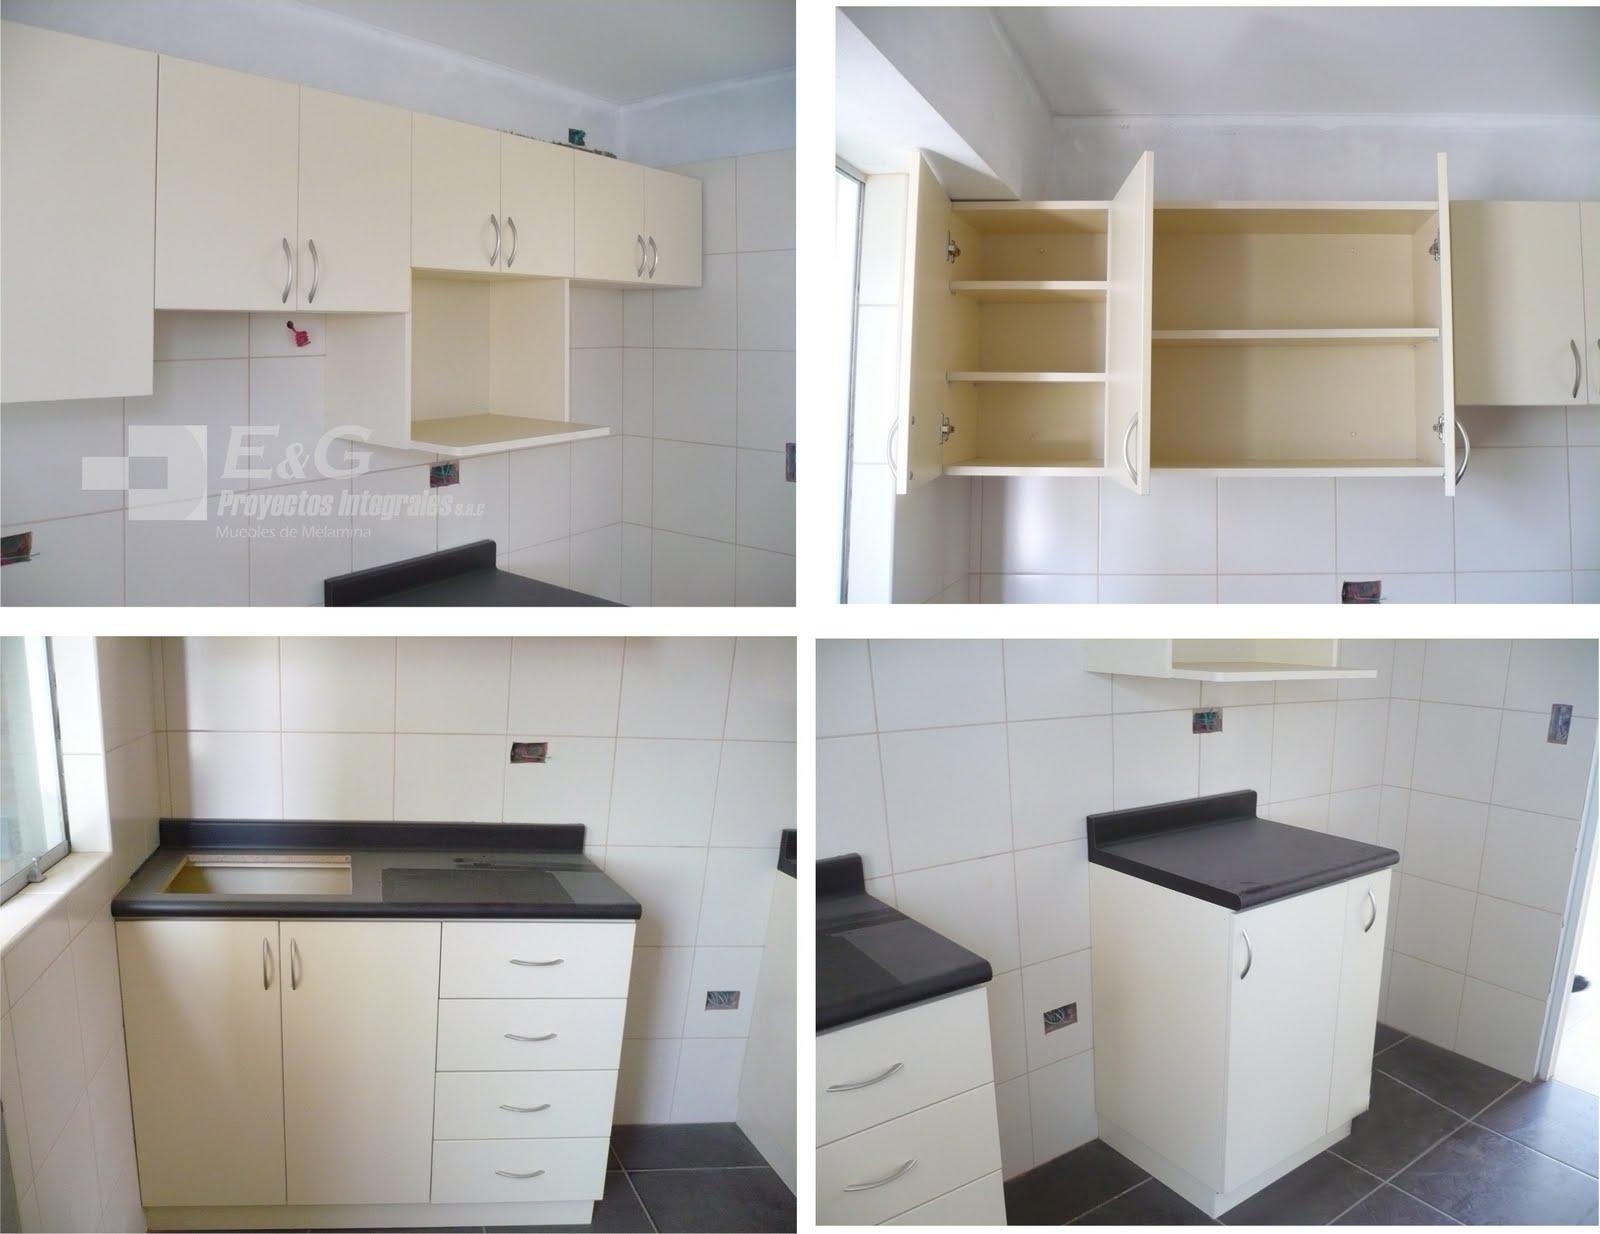 E y g proyectos integrales muebles en melamina aluminio - Muebles cocina modulos ...